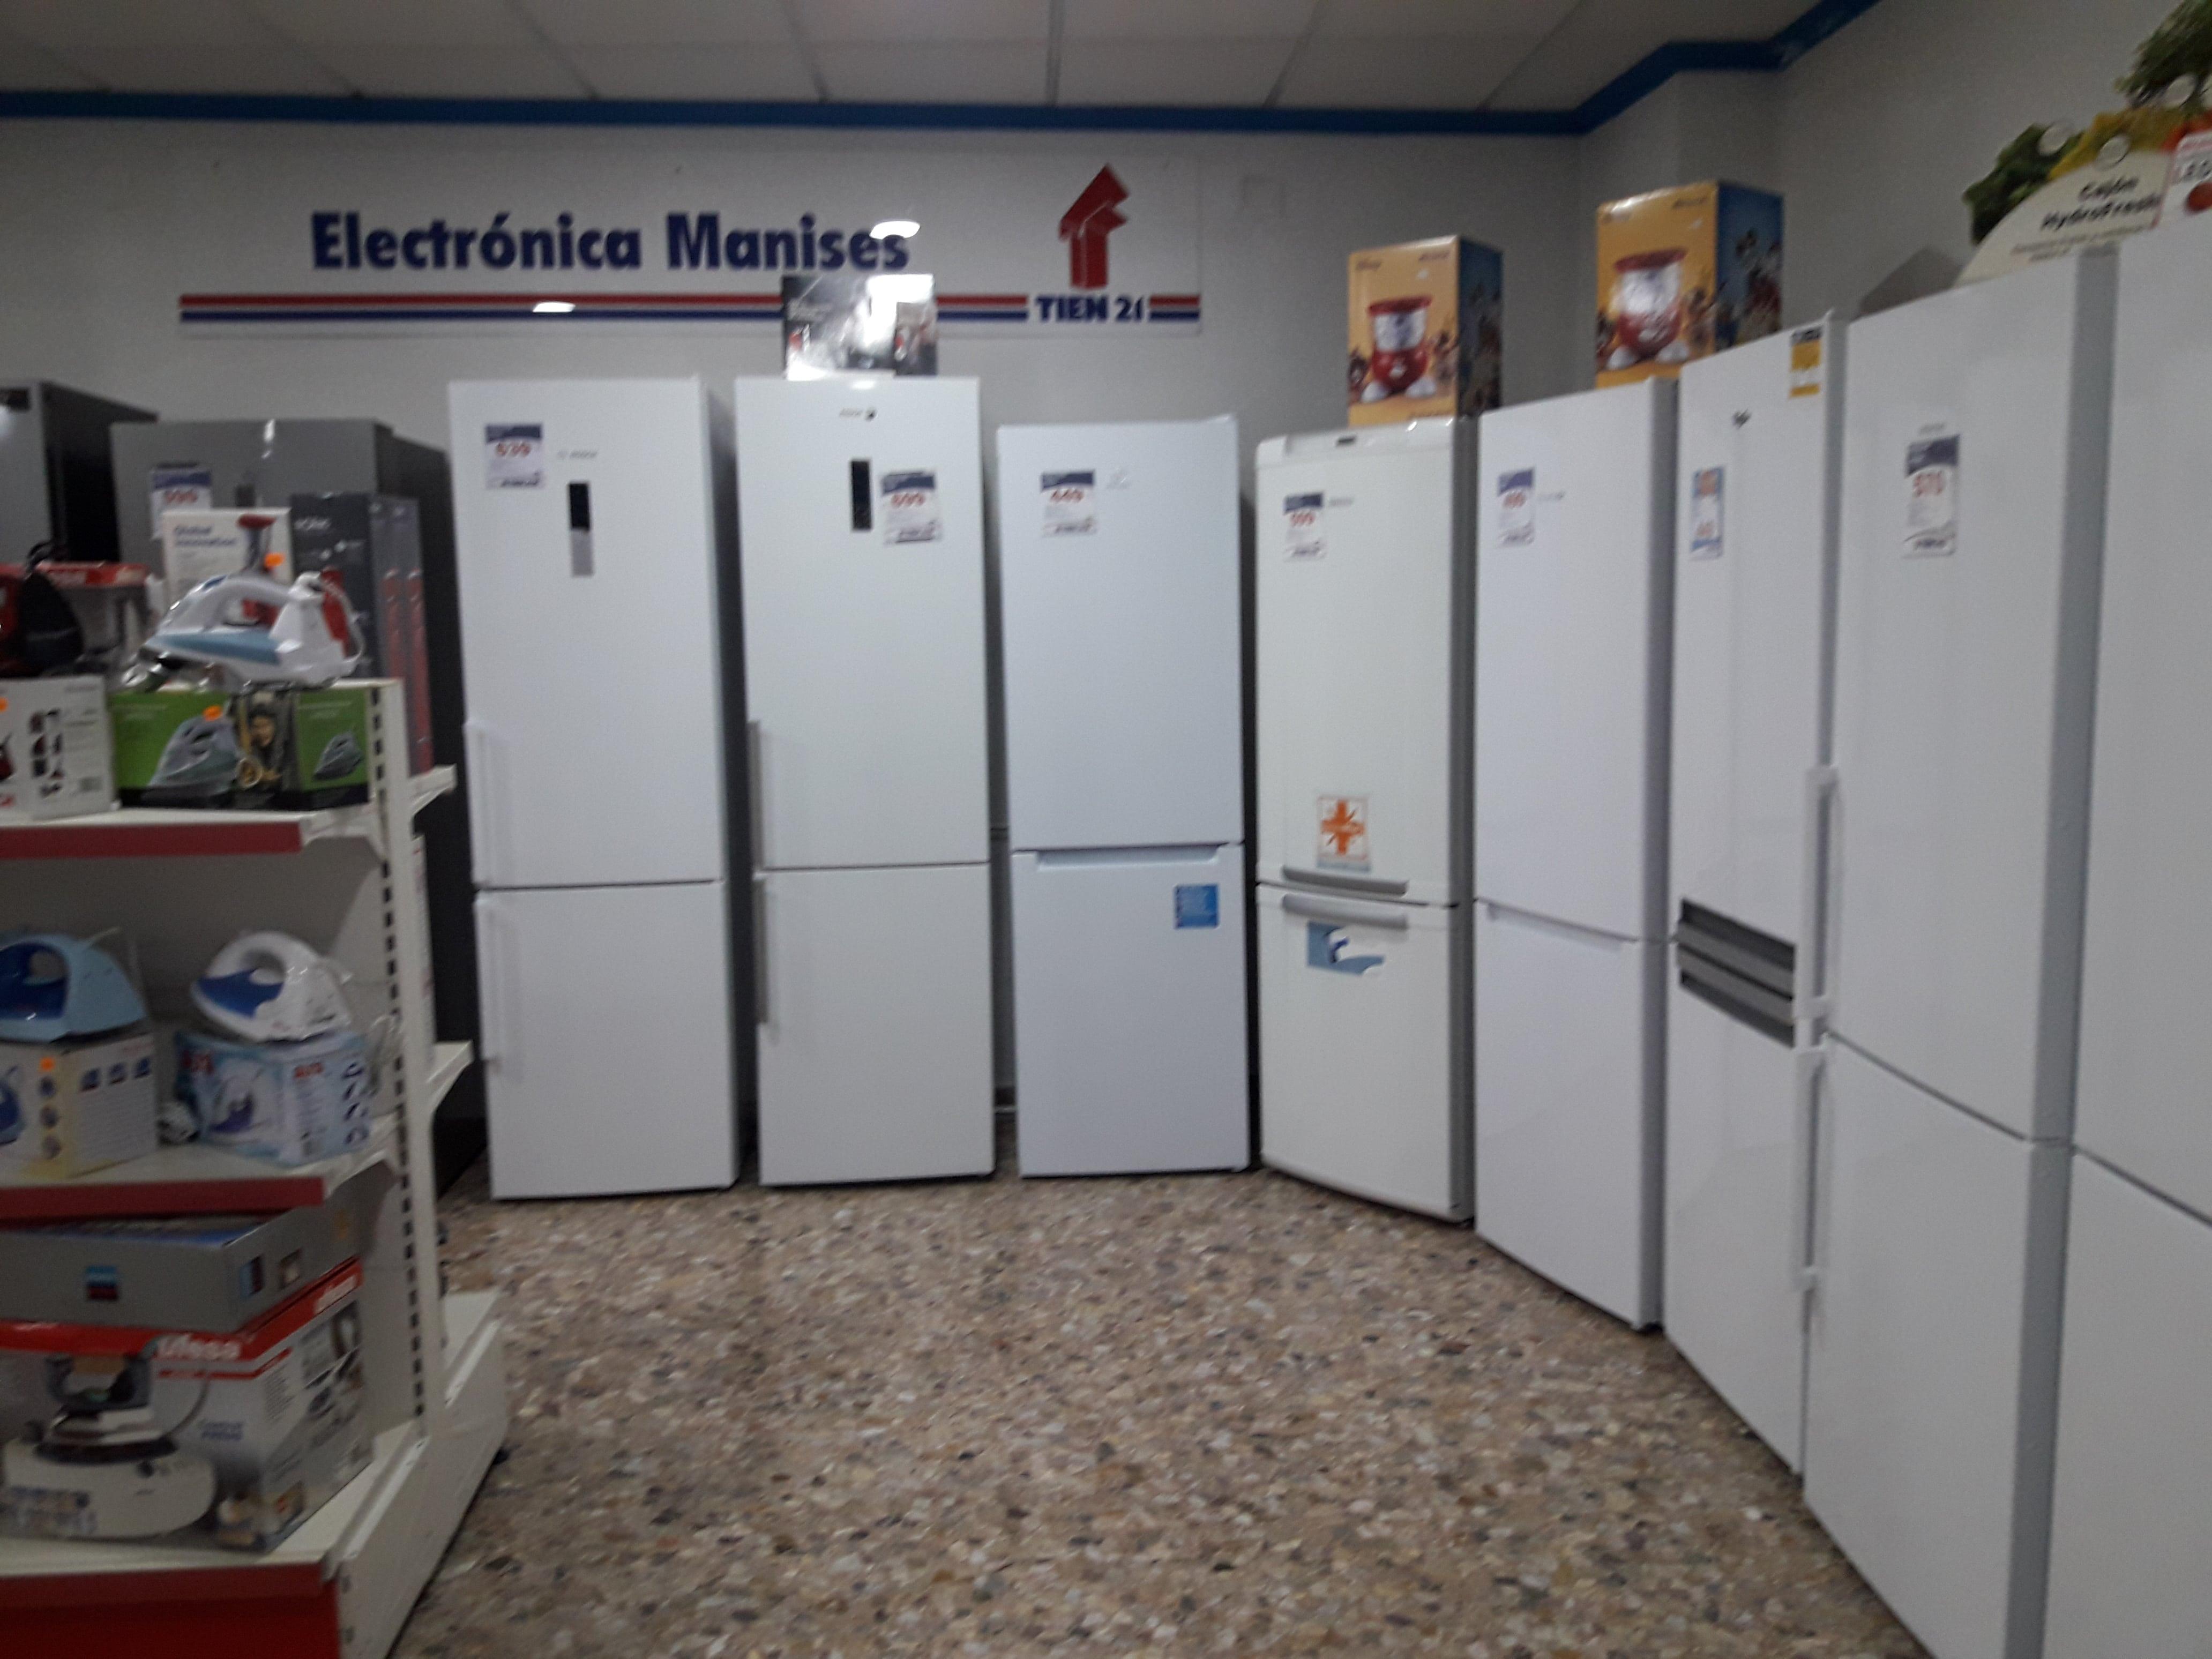 Electrónica Manises